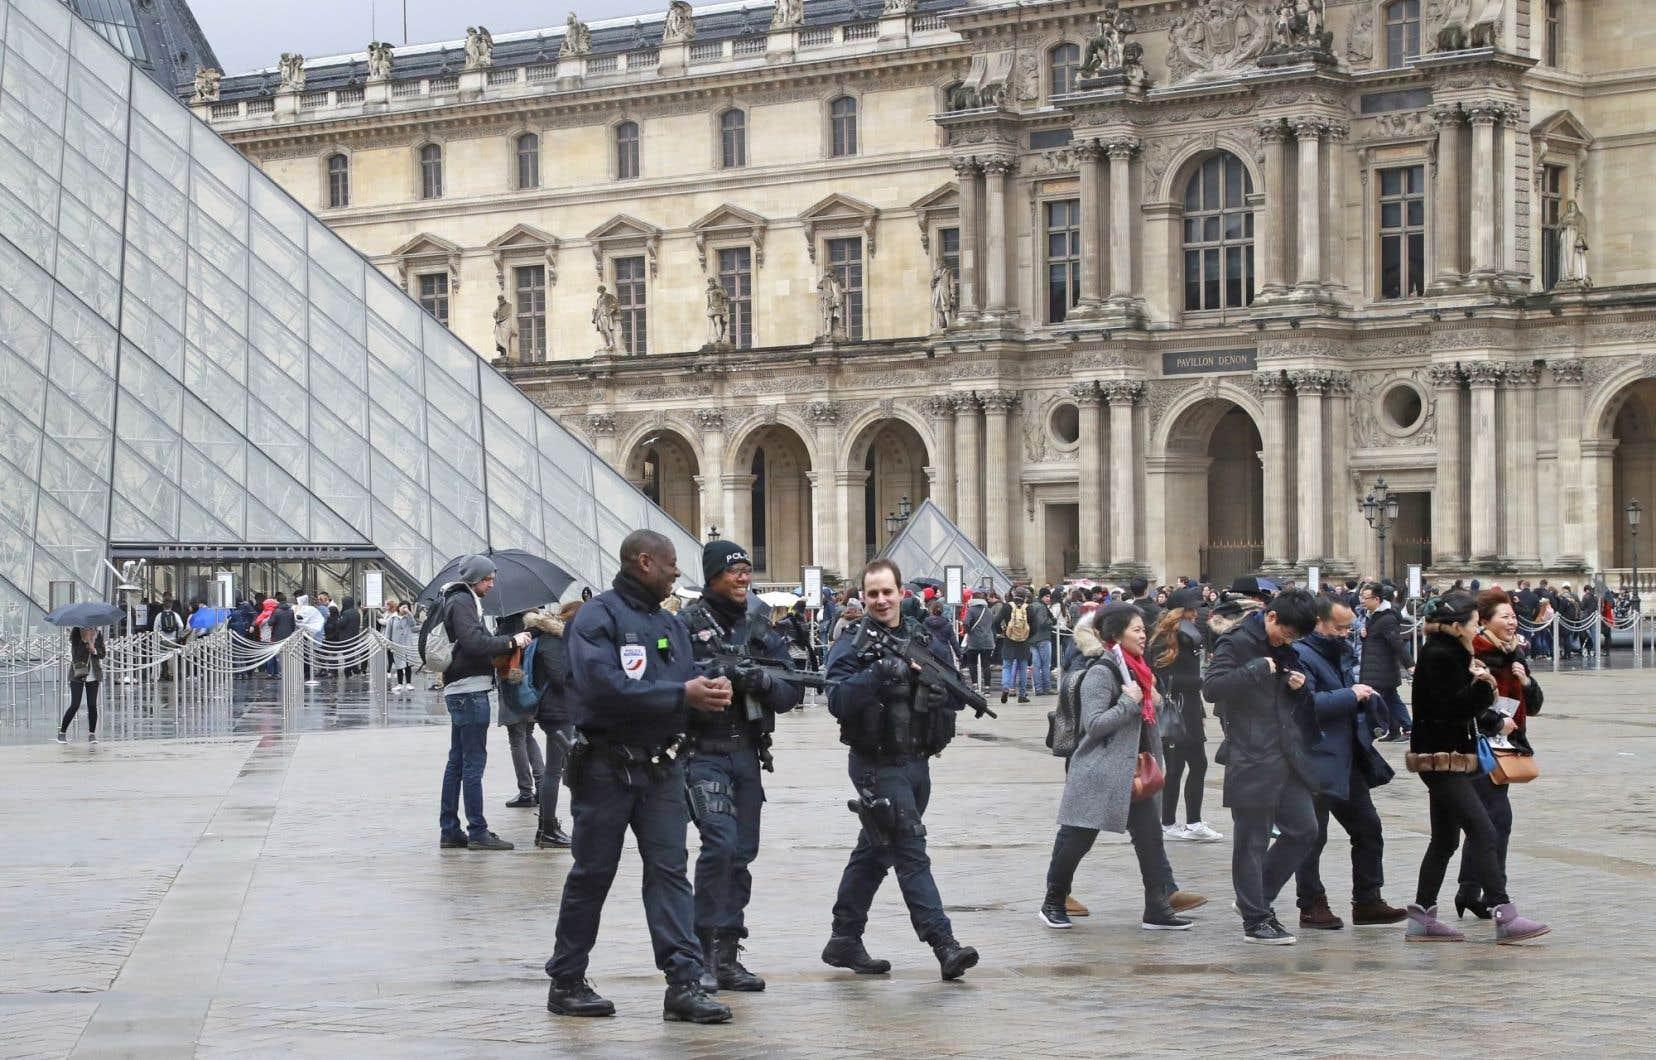 Le Louvre, musée le plus fréquenté du monde, fermé après l'agression, a rouvert dès samedi.